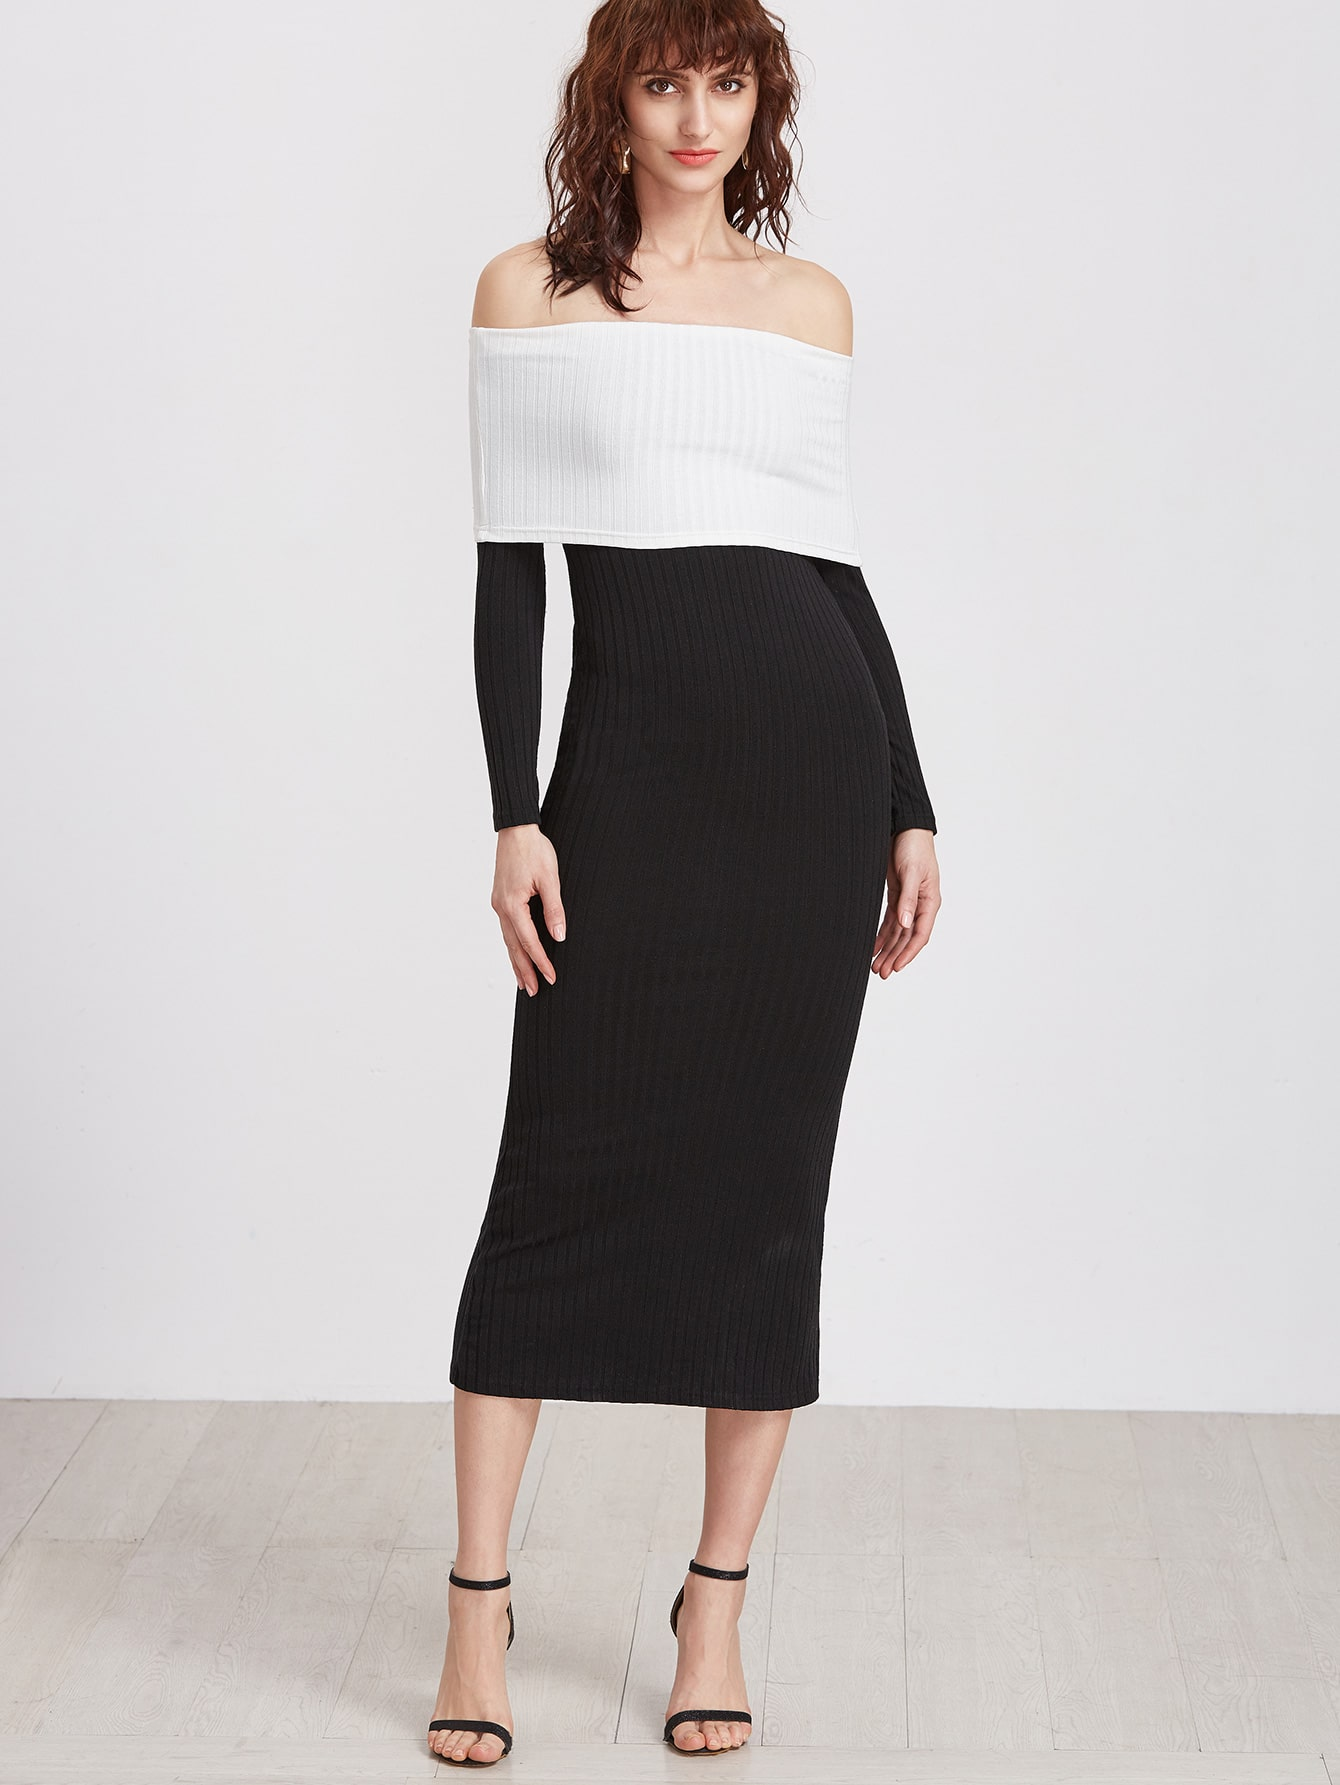 Black Contrast Foldover Off The Shoulder Ribbed Dress dress161019725